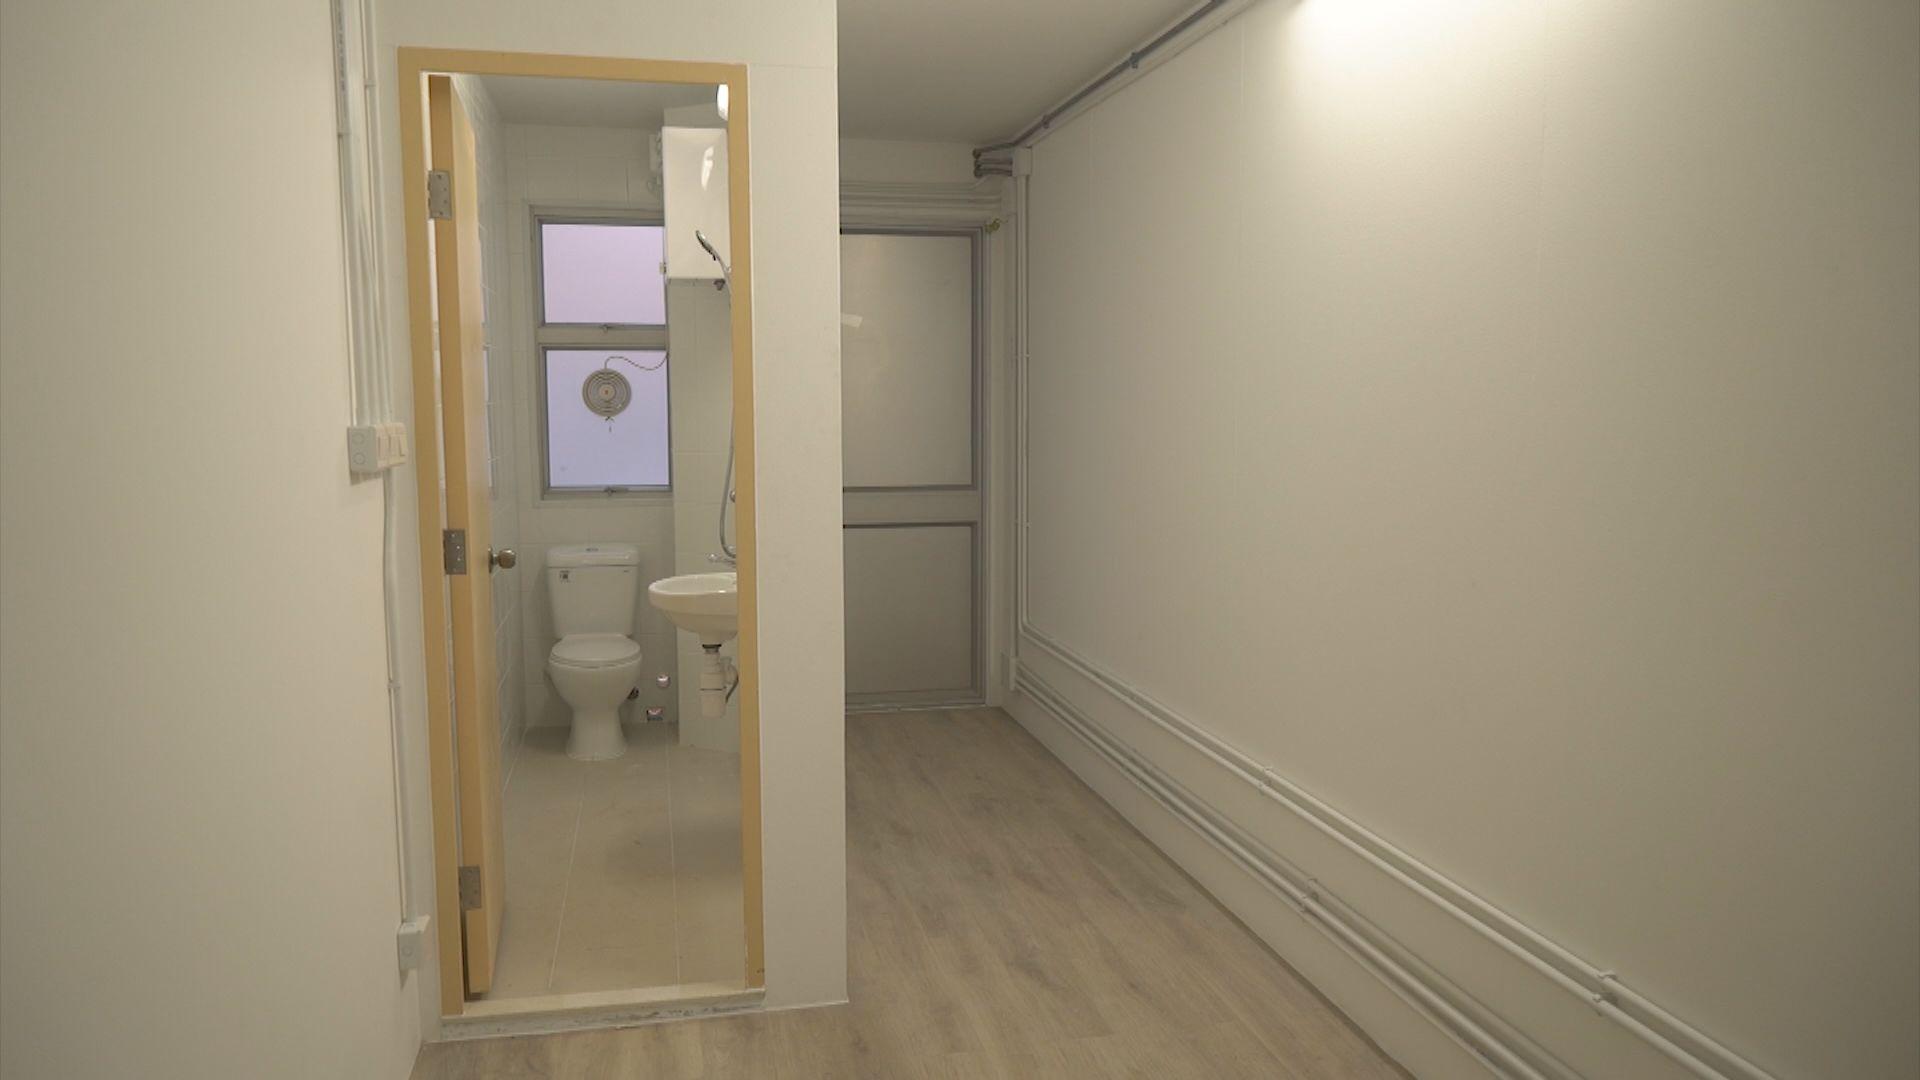 過渡性房屋南昌街項目預明年入伙 承辦商指會面試甄選入住者